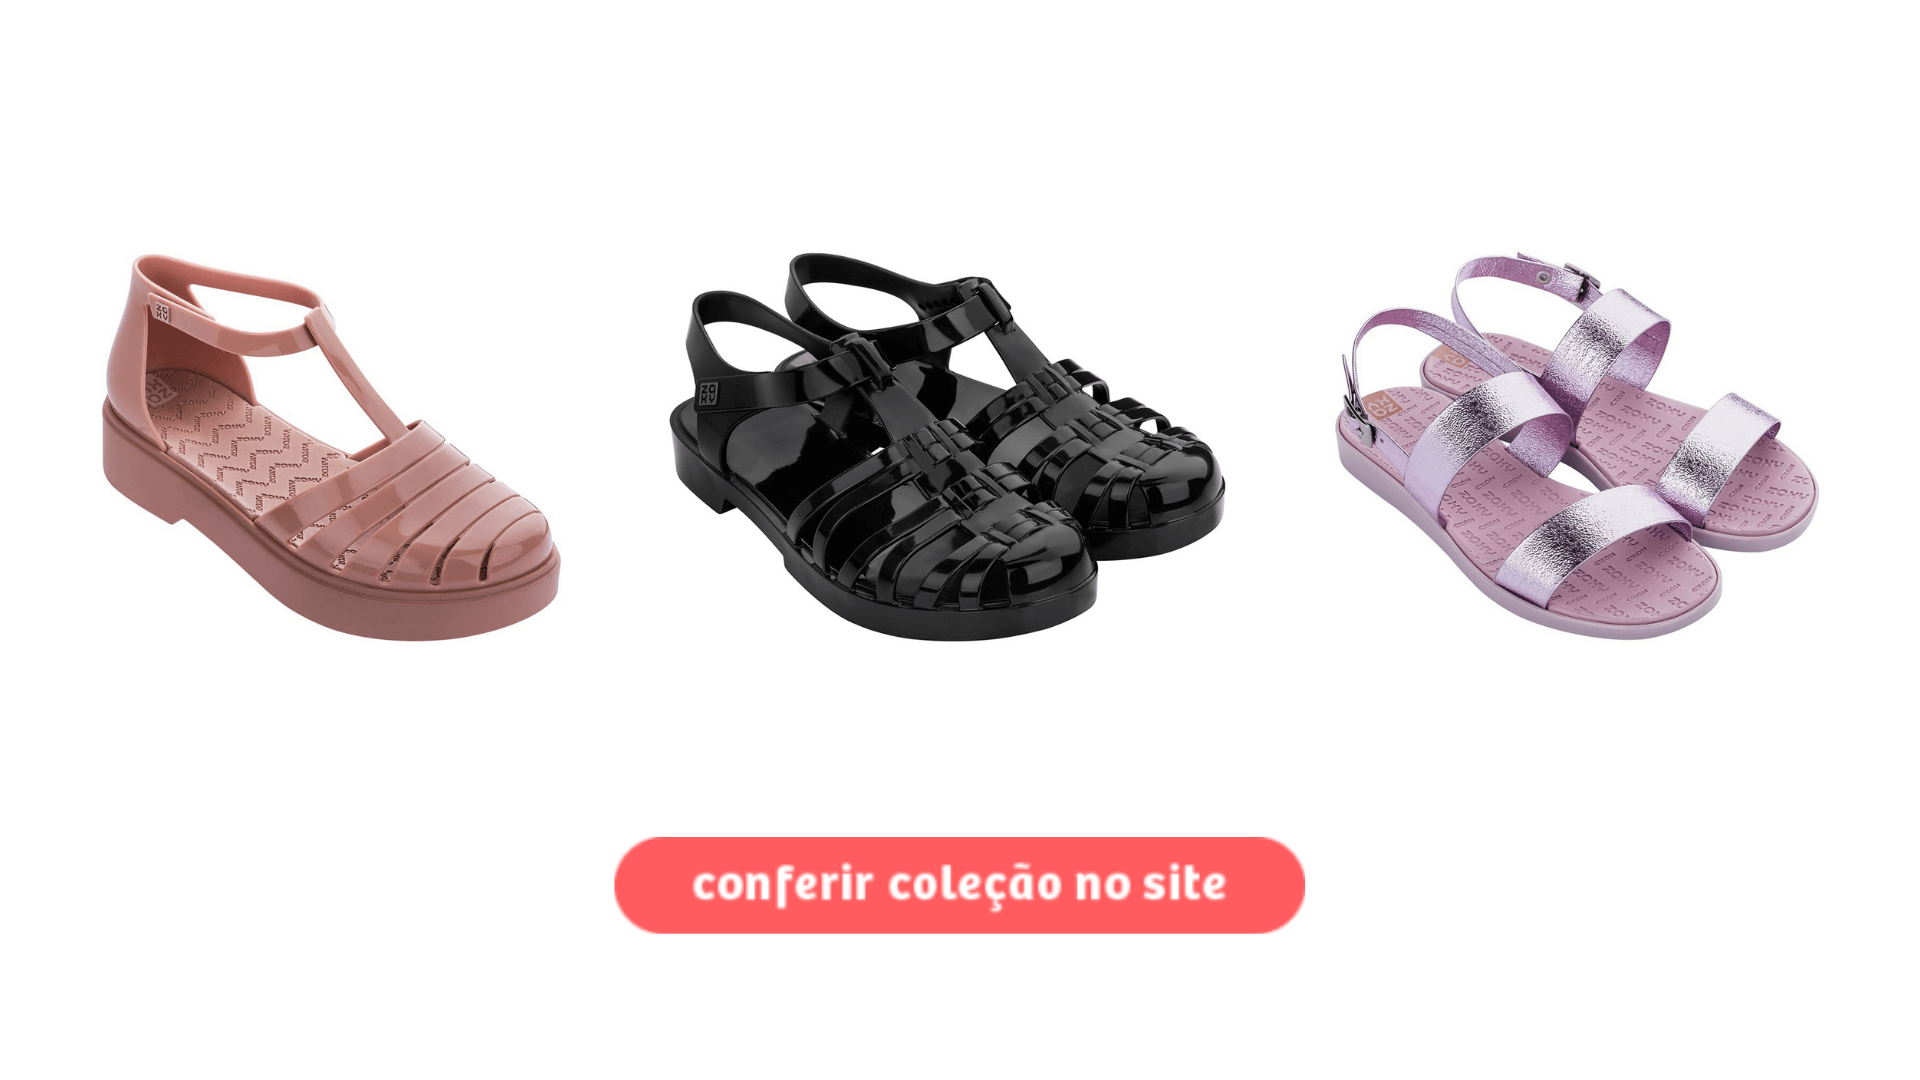 Acesse as sandálias da Zaxy no site da Daniel Atacado clicando aqui.